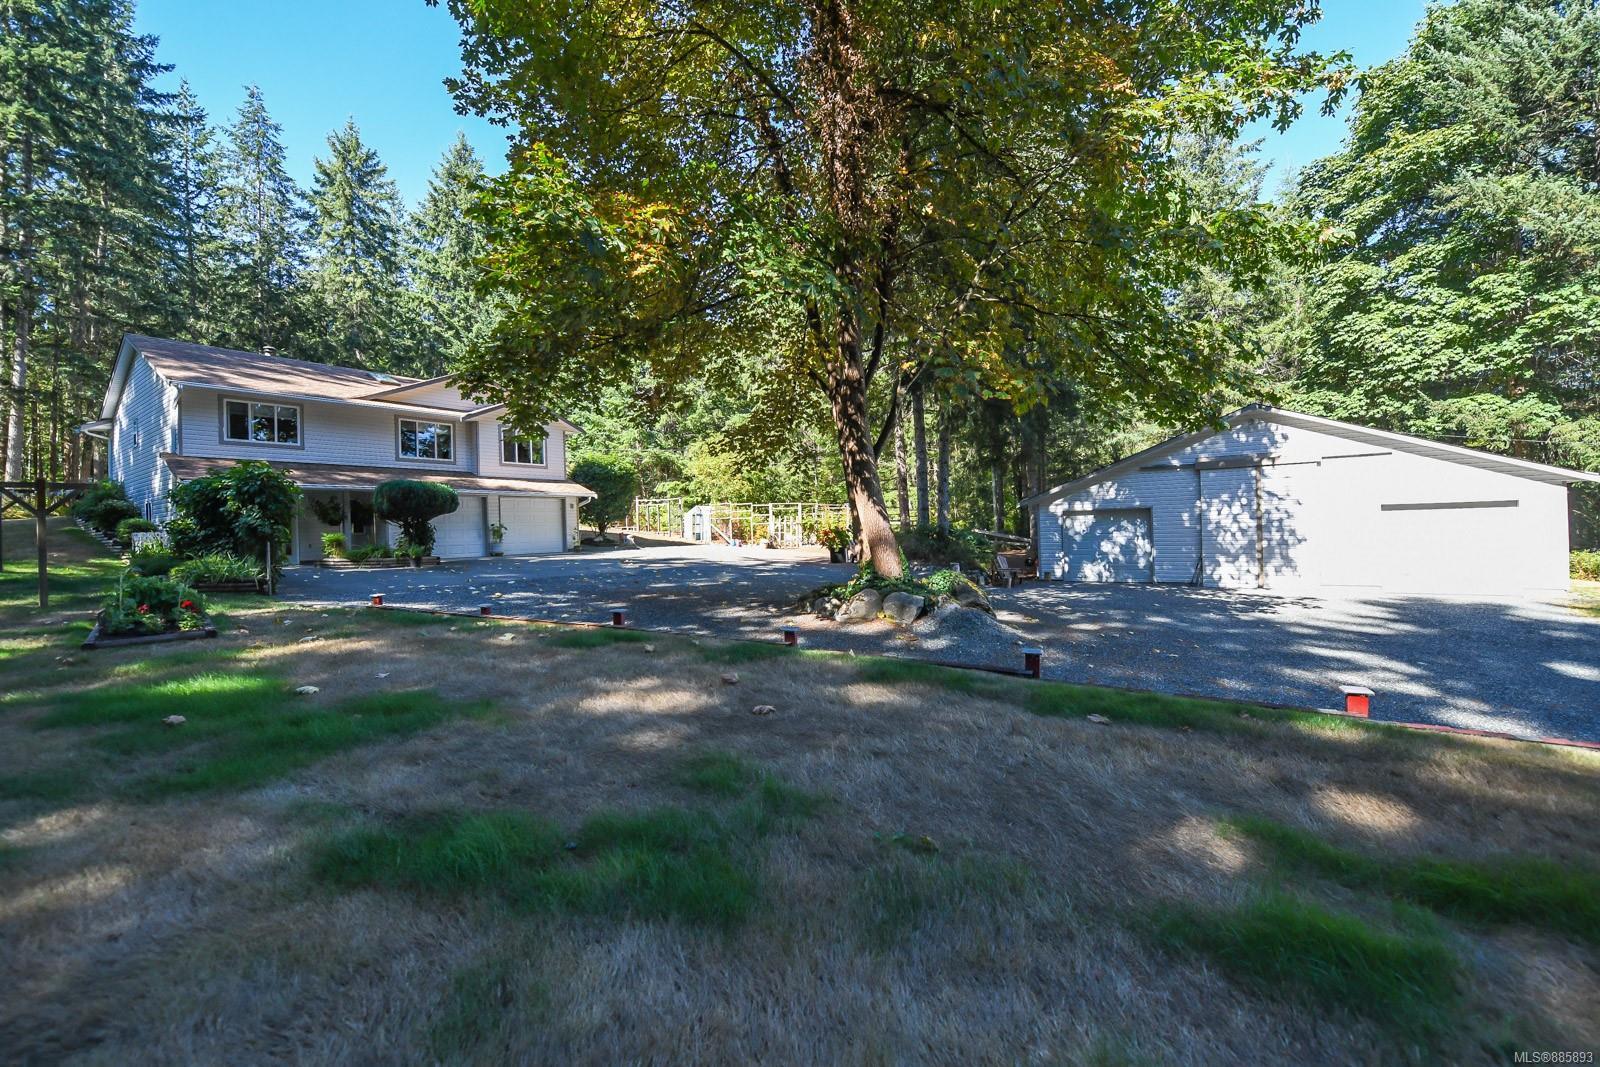 6259 Dunboyne Road, Merville Black Creek, Comox Valley photo 6